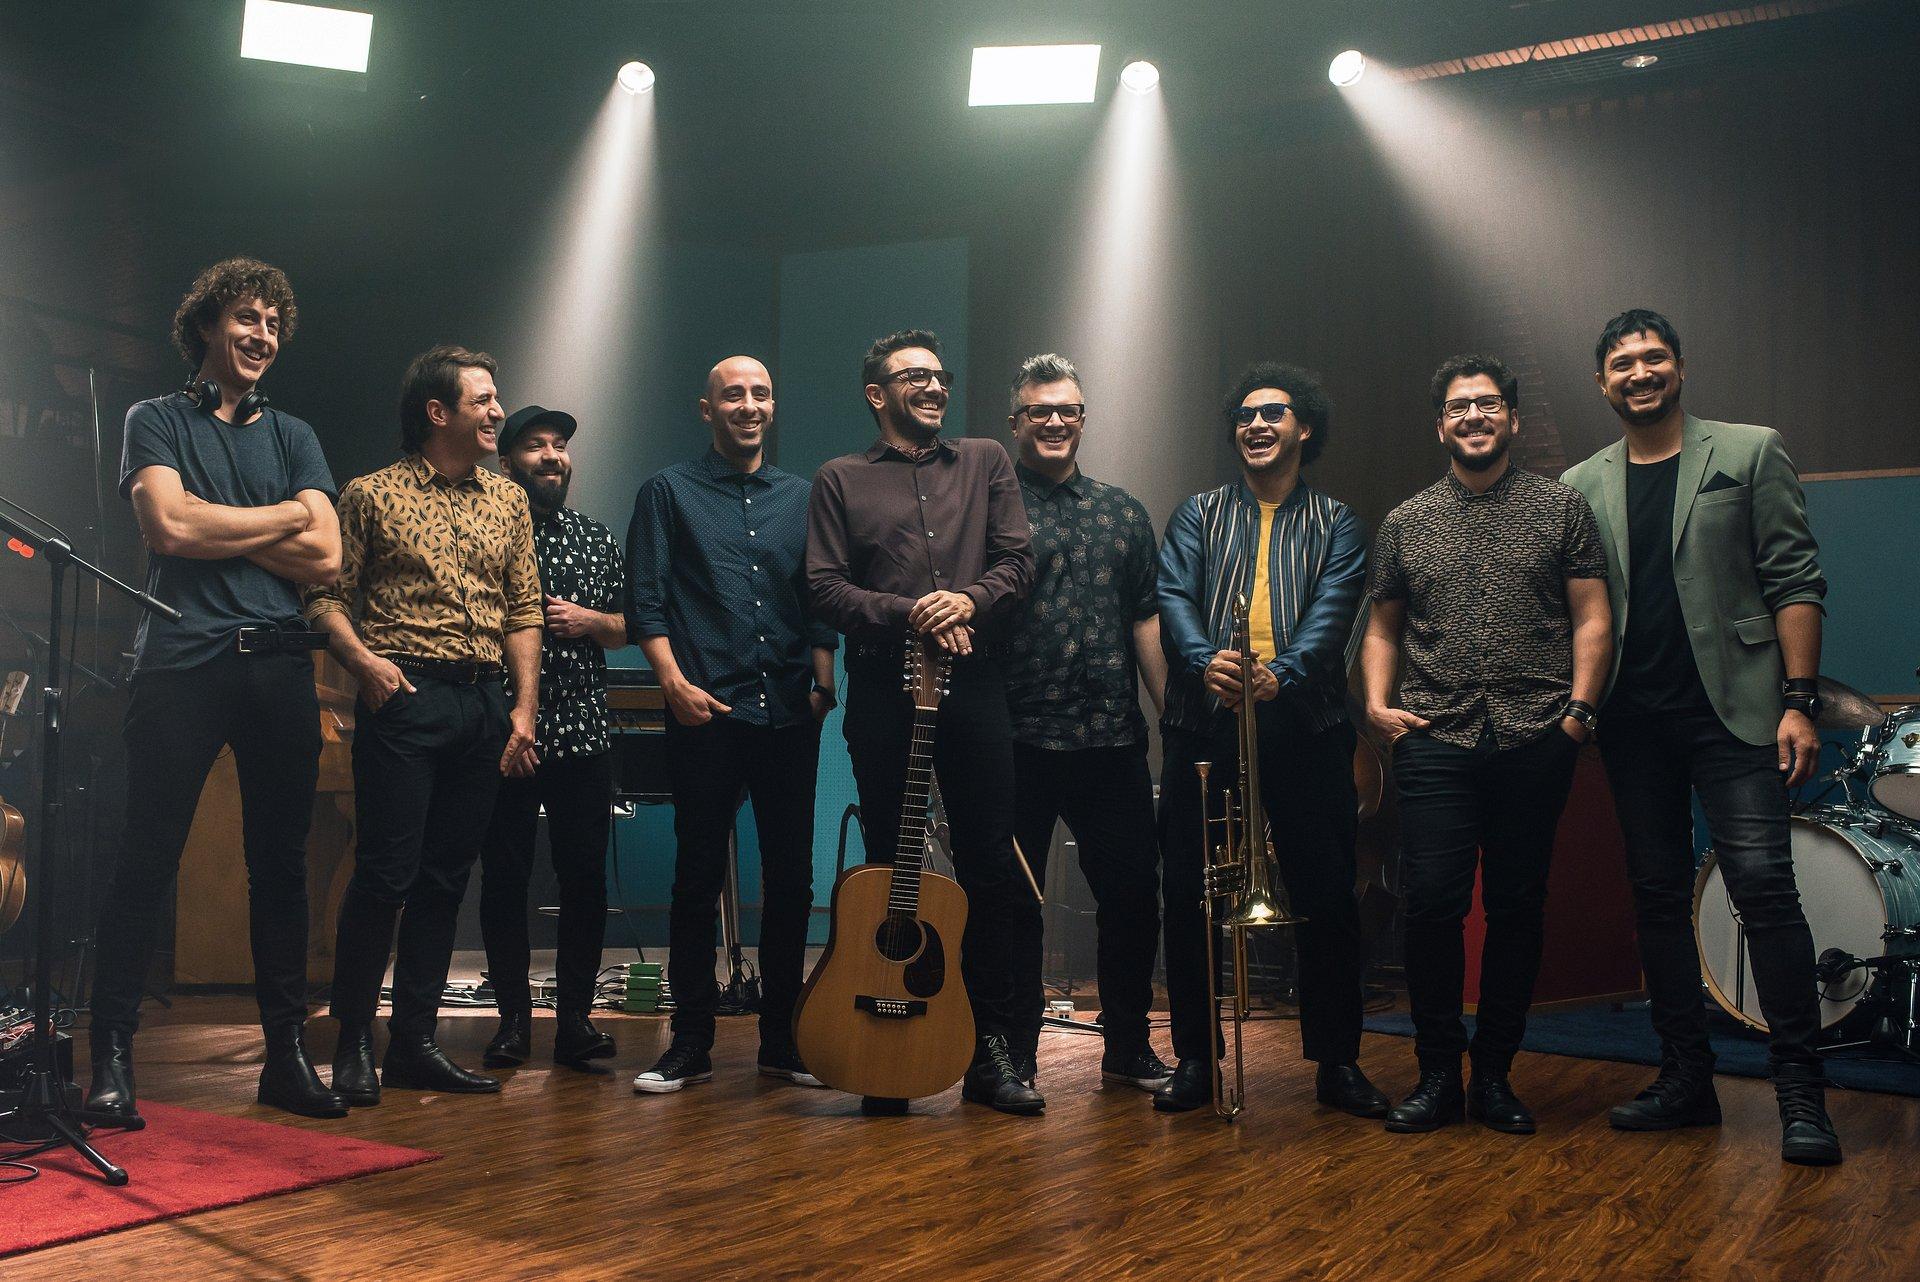 No Te Va Gustar festejará 25 años de carrera con tremendo y emotivo concierto en la CDMX